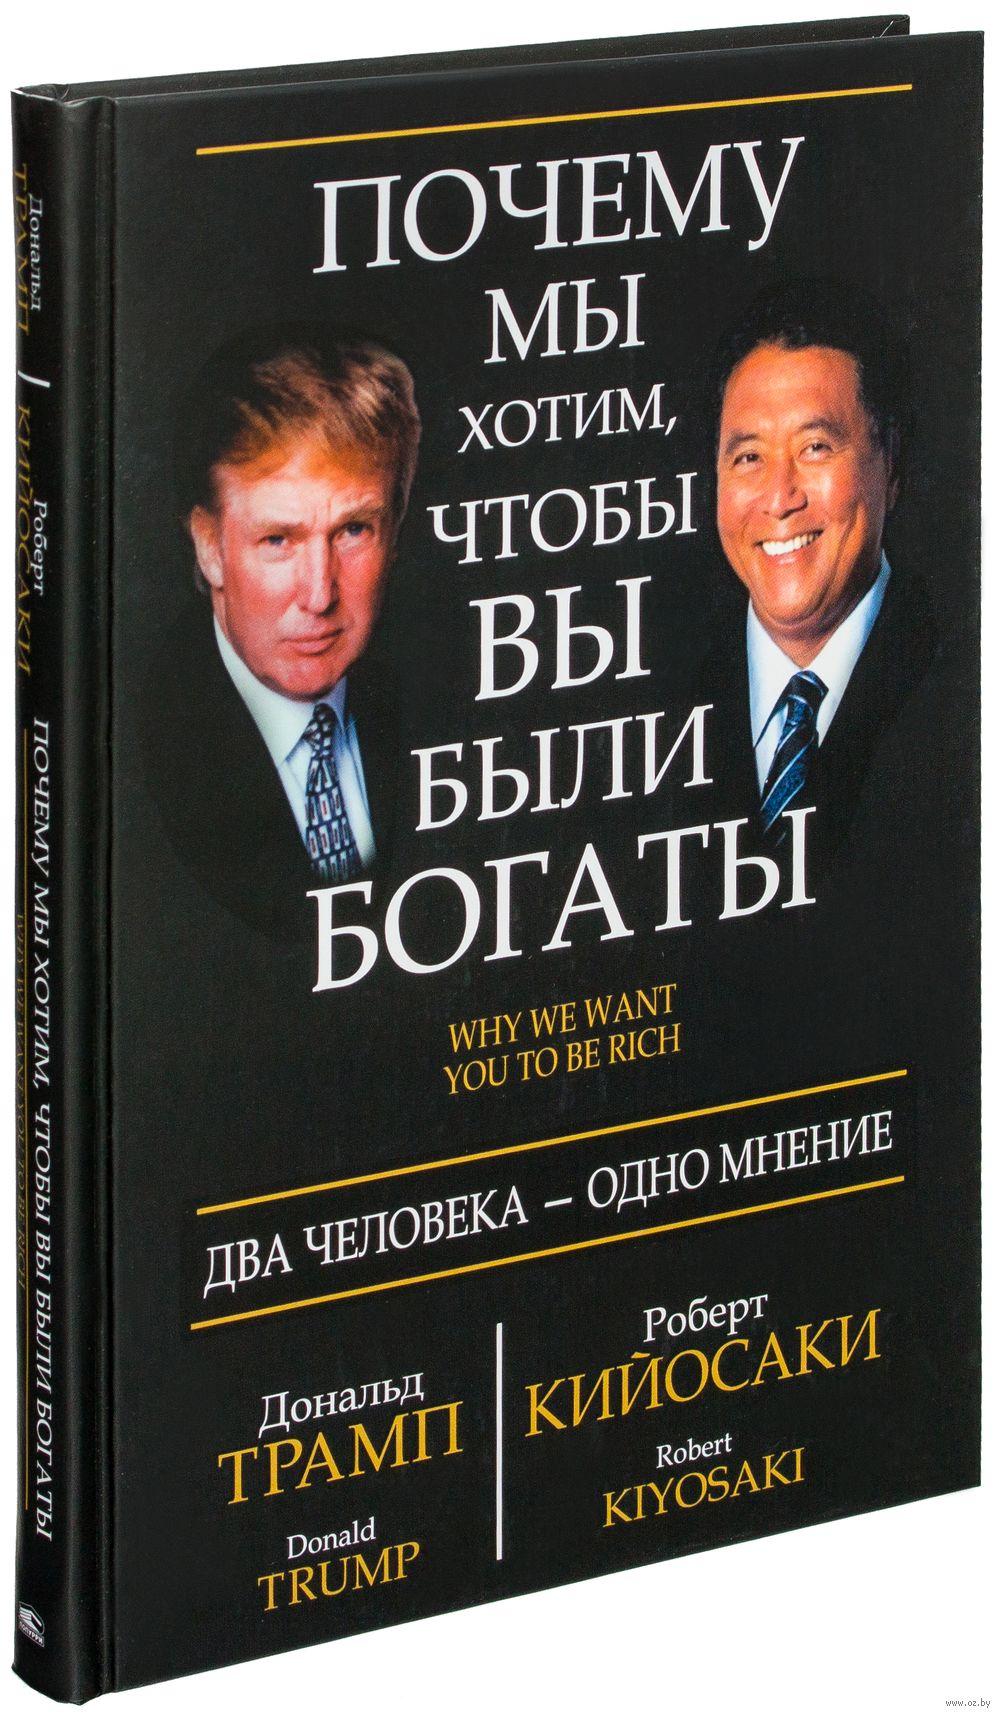 Как стать миллионером дональд трамп книга скачать